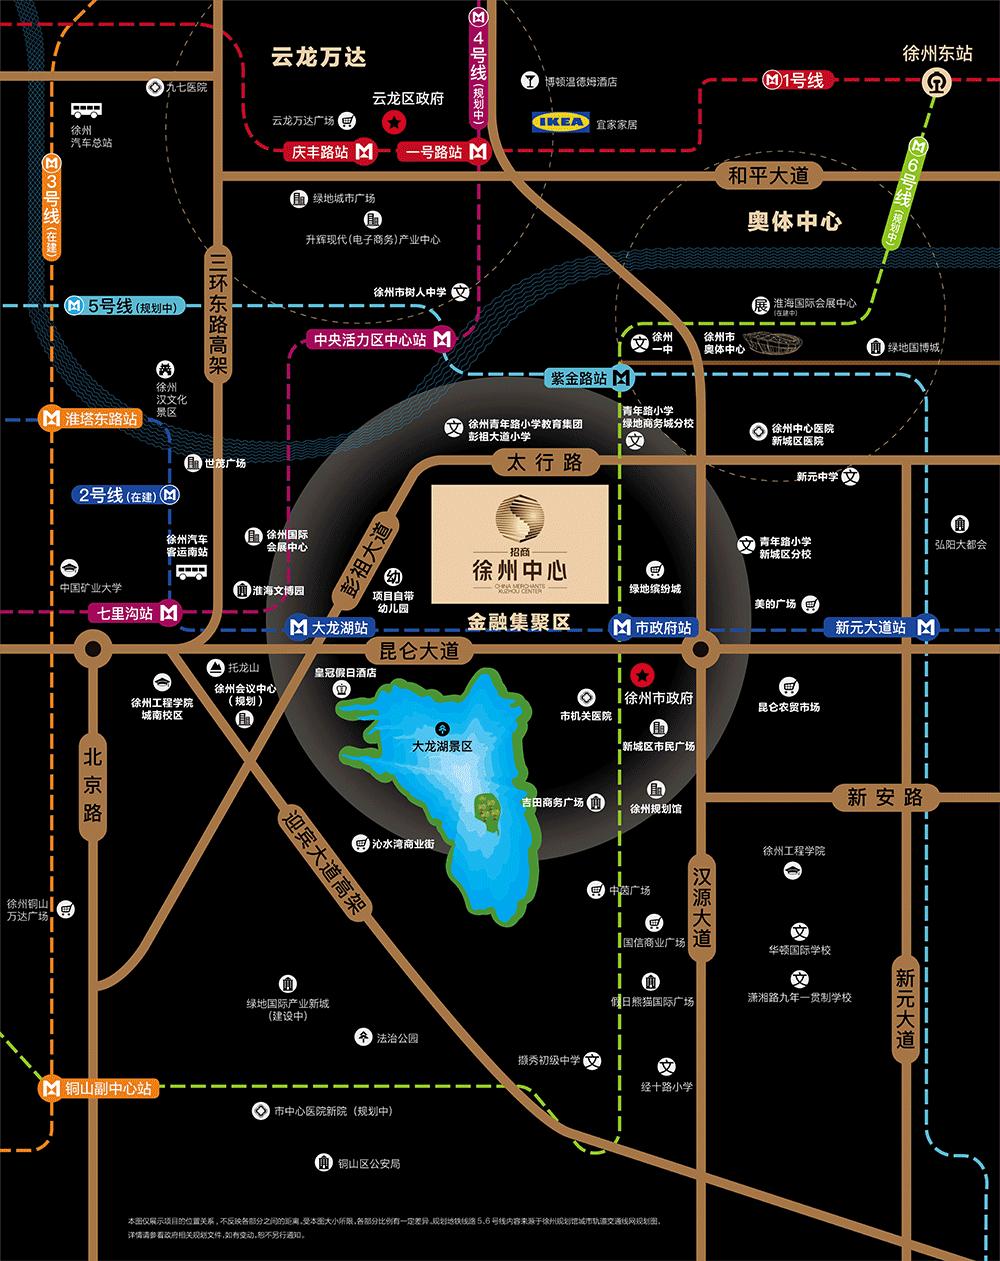 招商徐州中心交通图